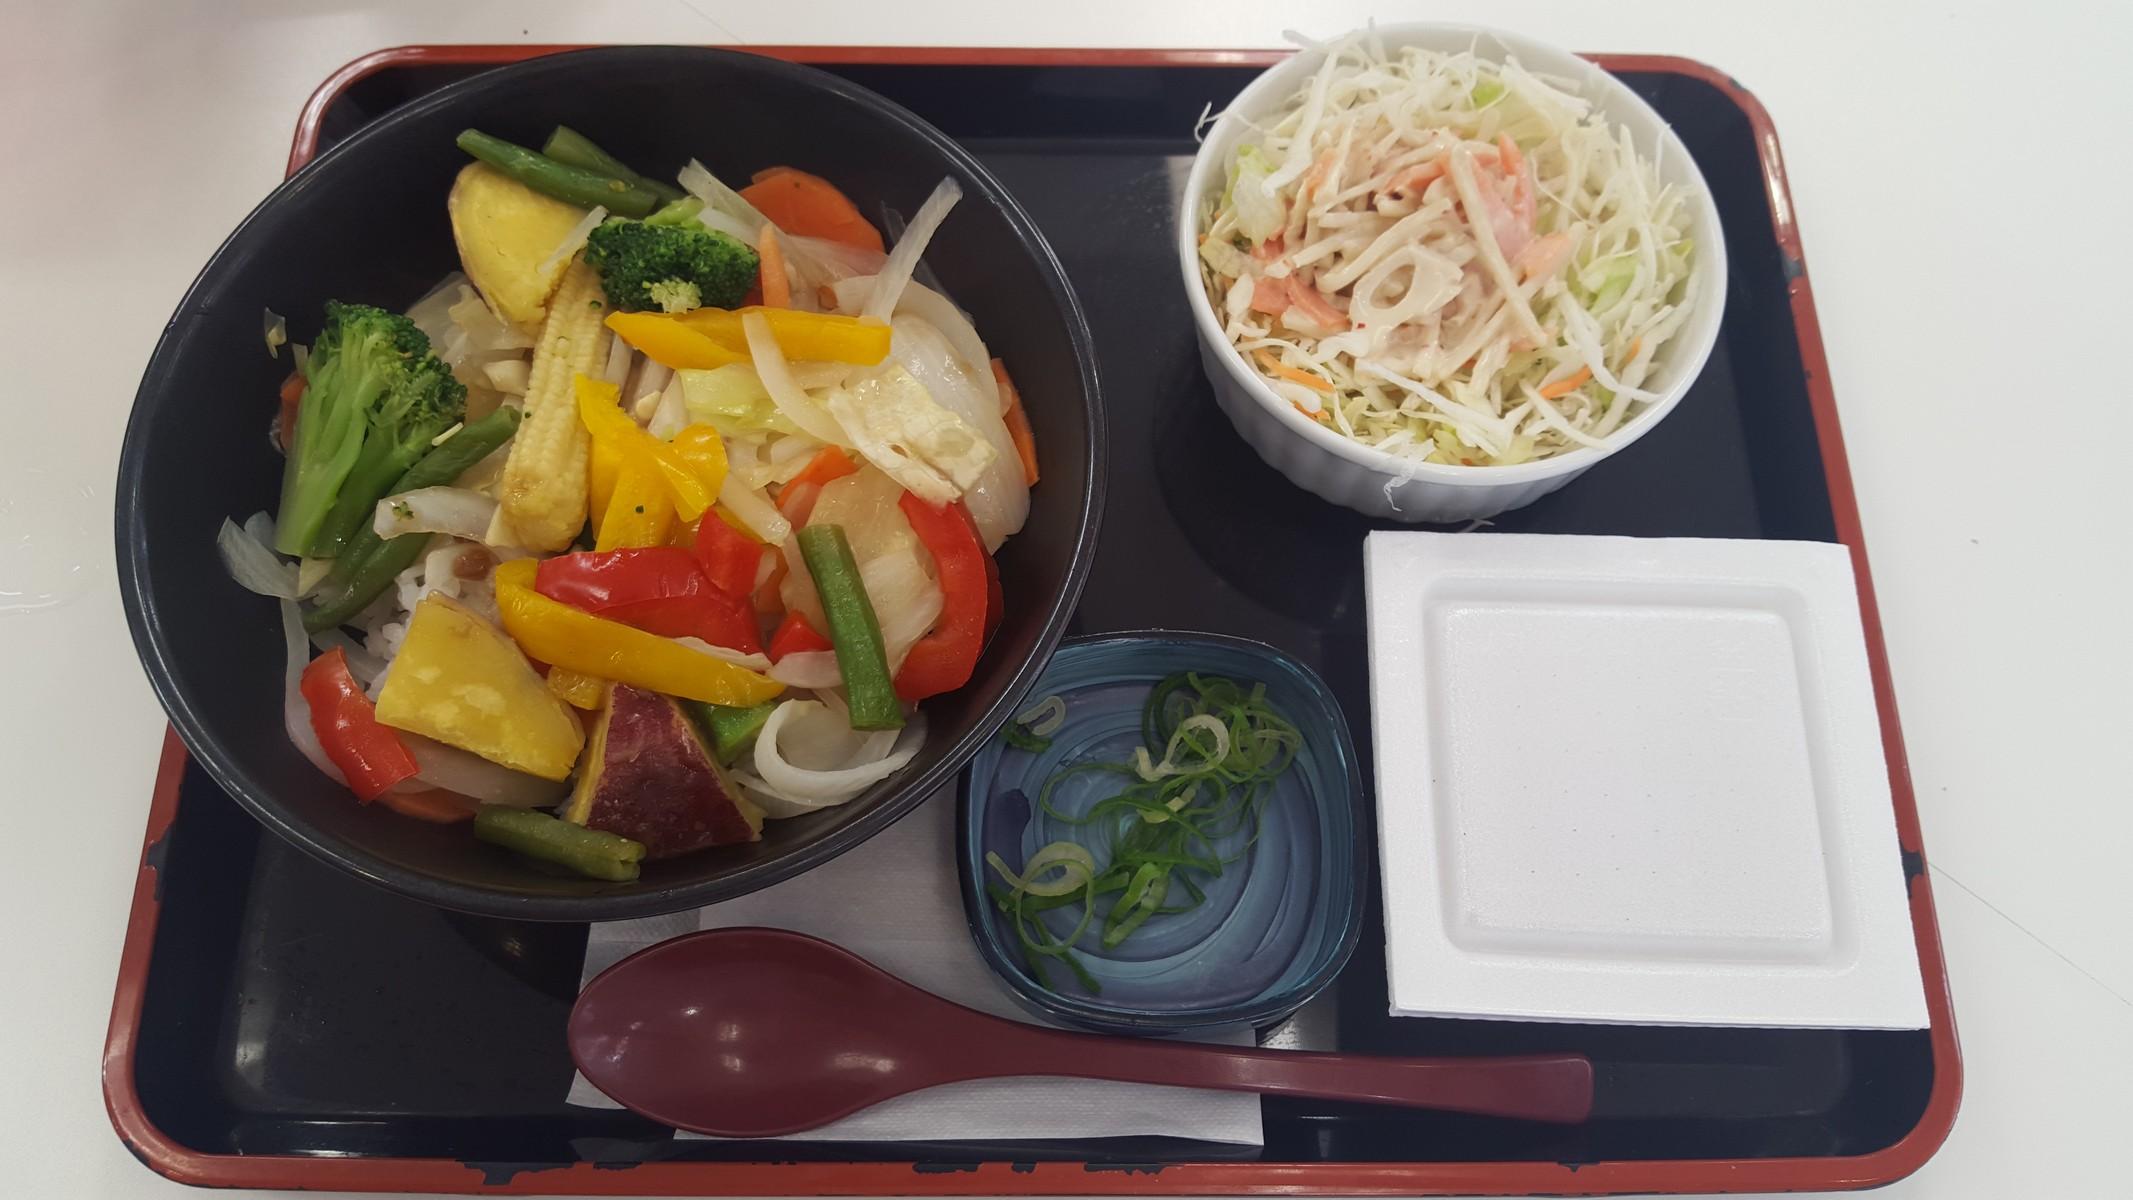 ベジ丼、ごぼうサラダ、納豆【吉野家 JR神田駅店/神田】